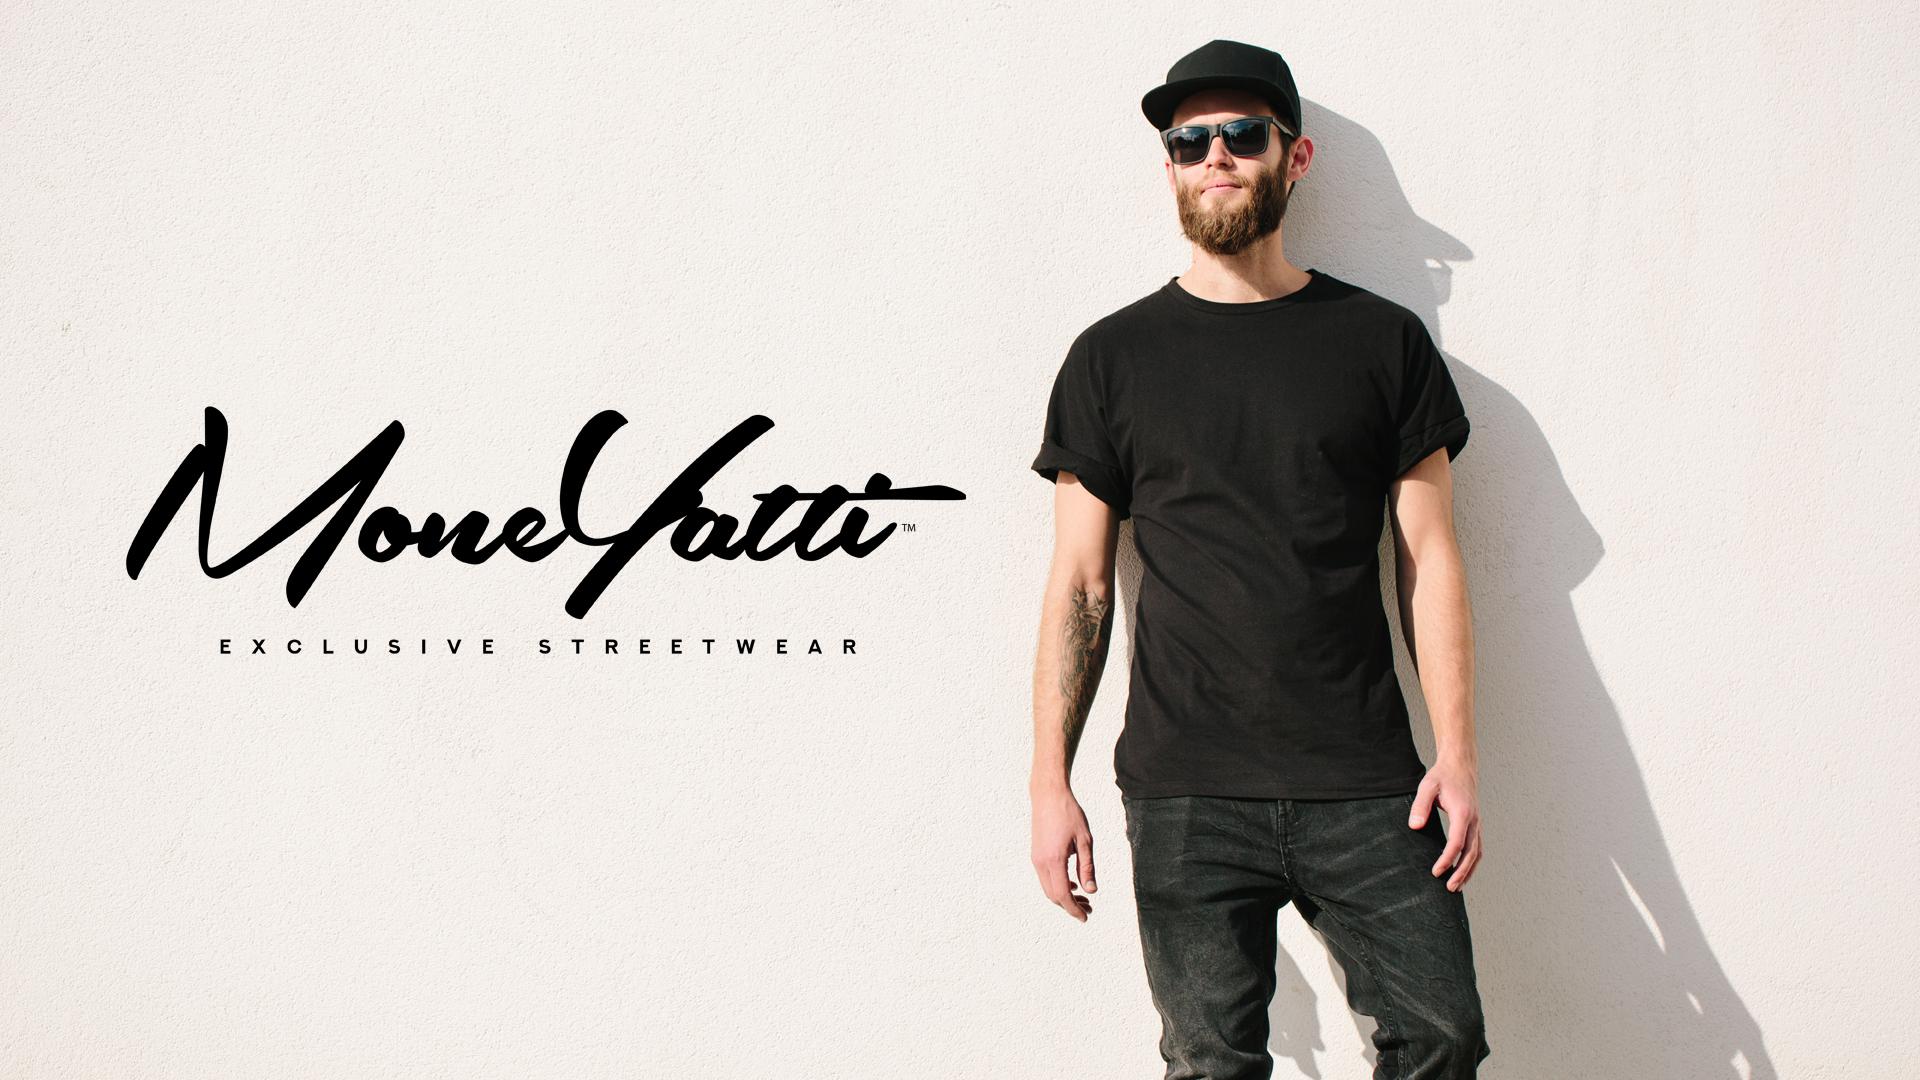 MoneYatti Streetwear – Official Streetwear Clothing Line of